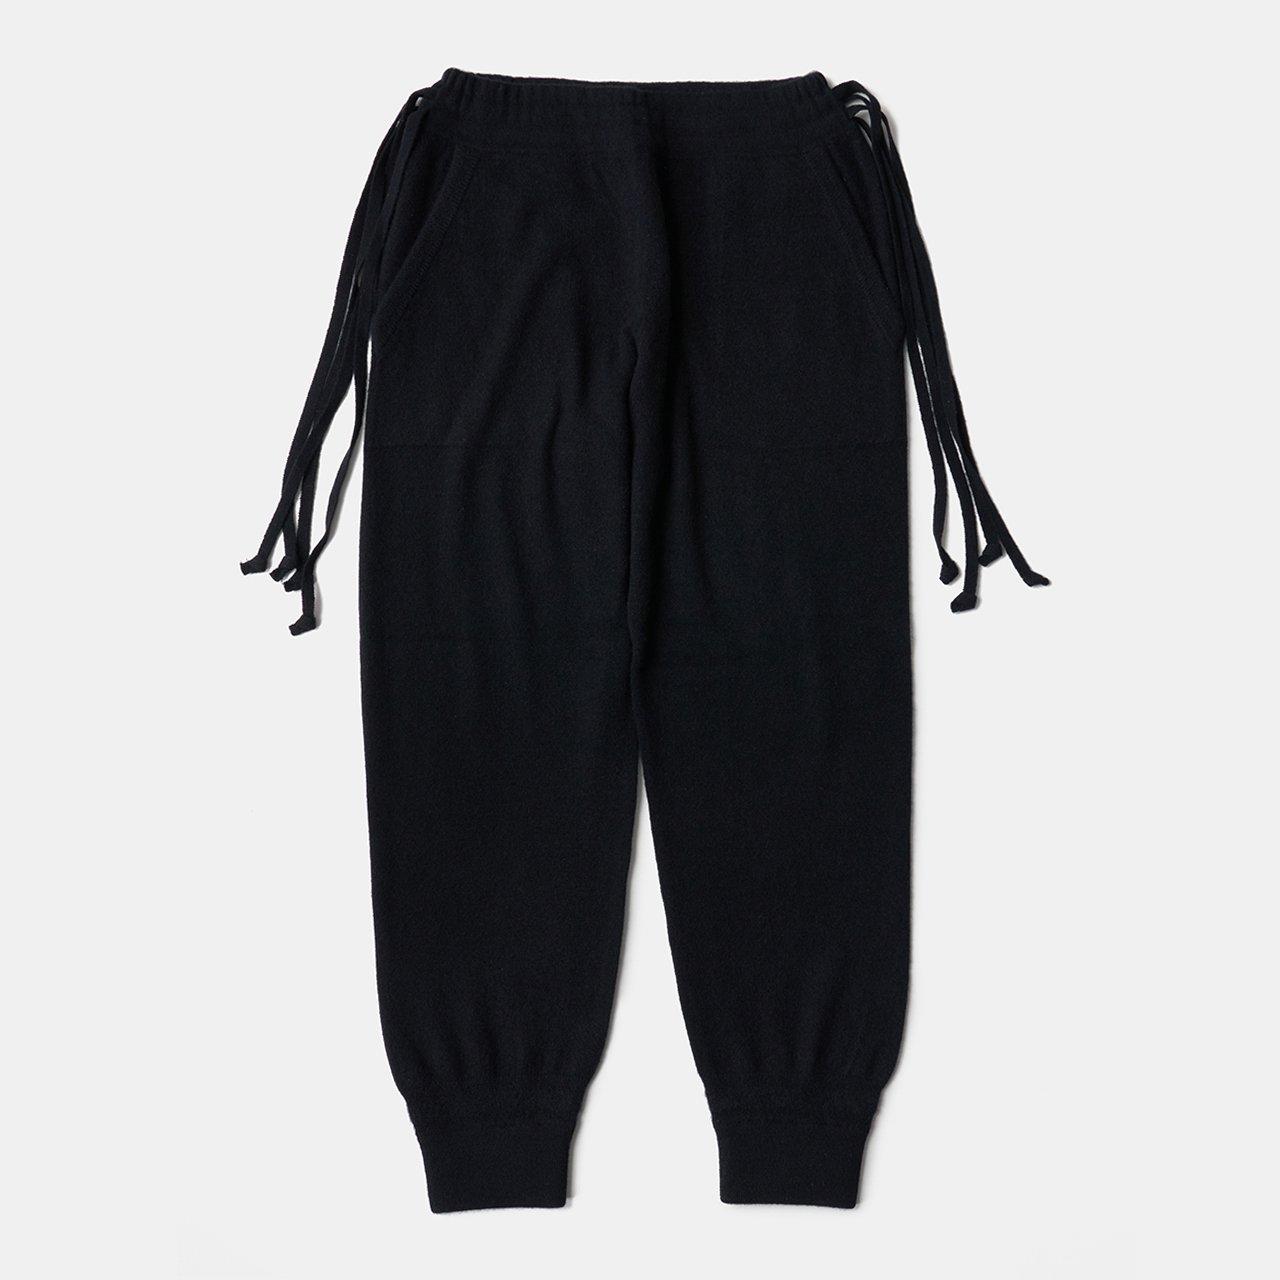 CASHMERE  BASIC BoyFriend PANTS<BR>BLACK